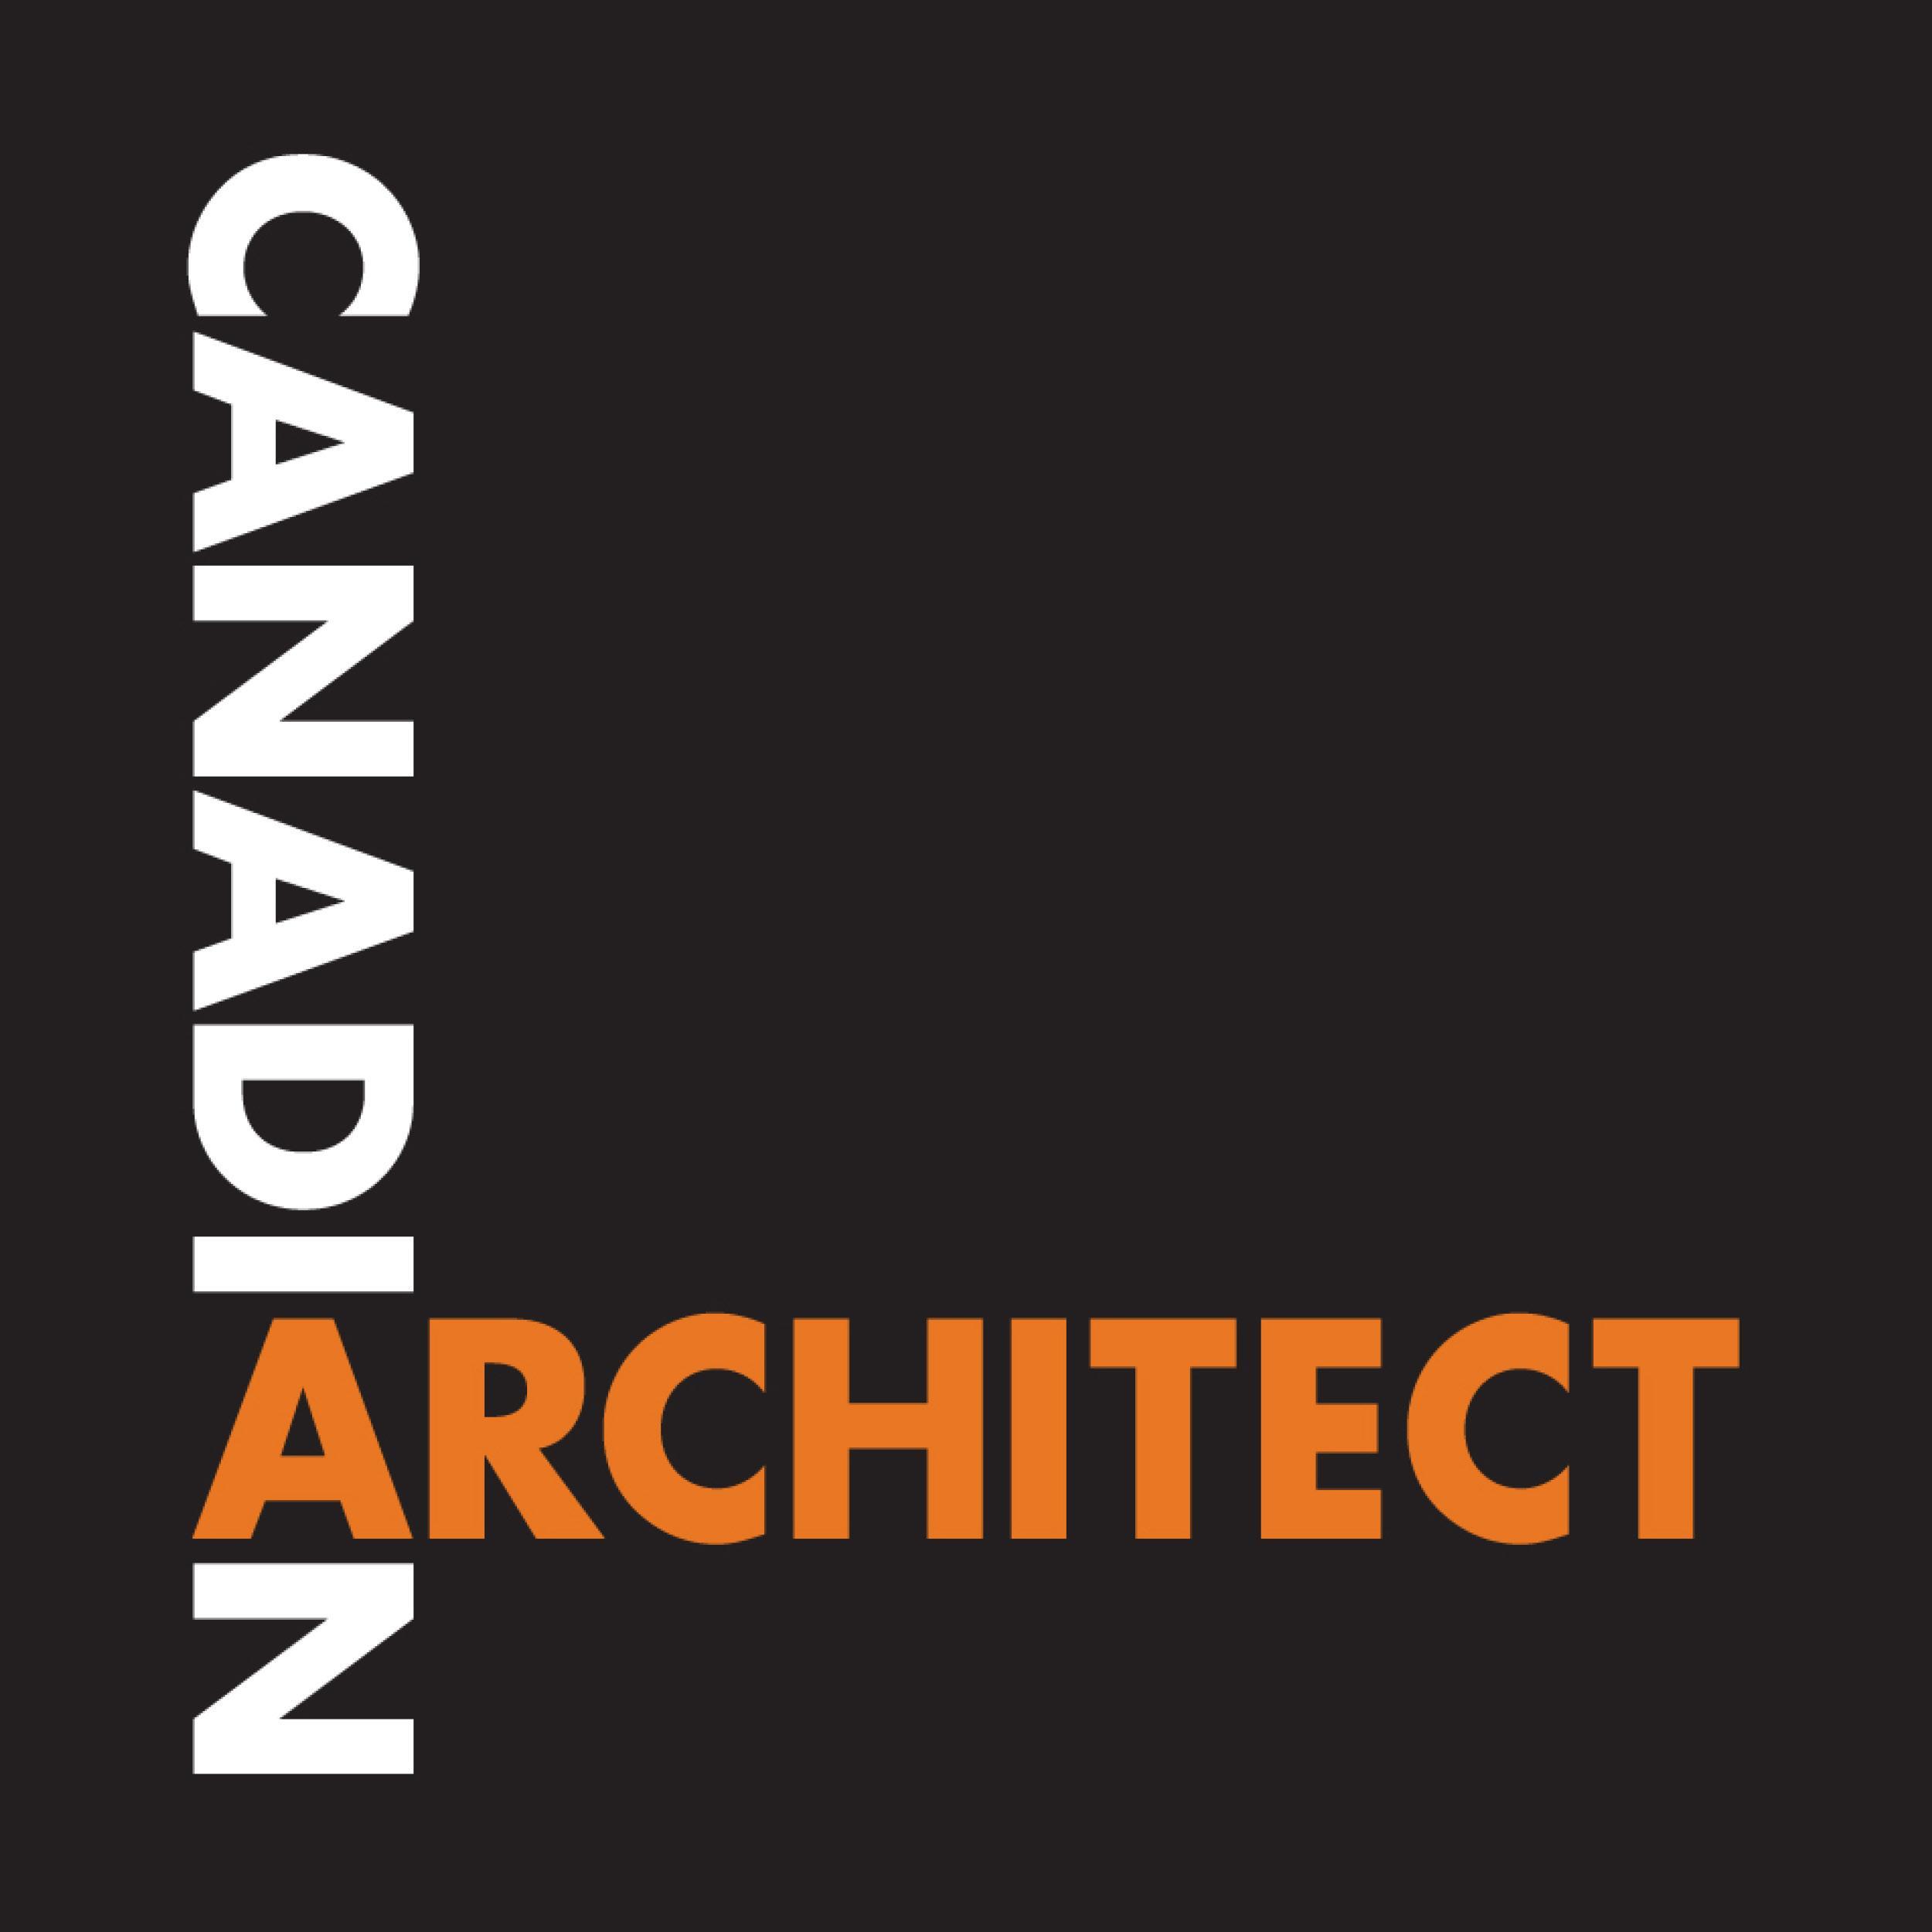 Canadian Architect magazine logo